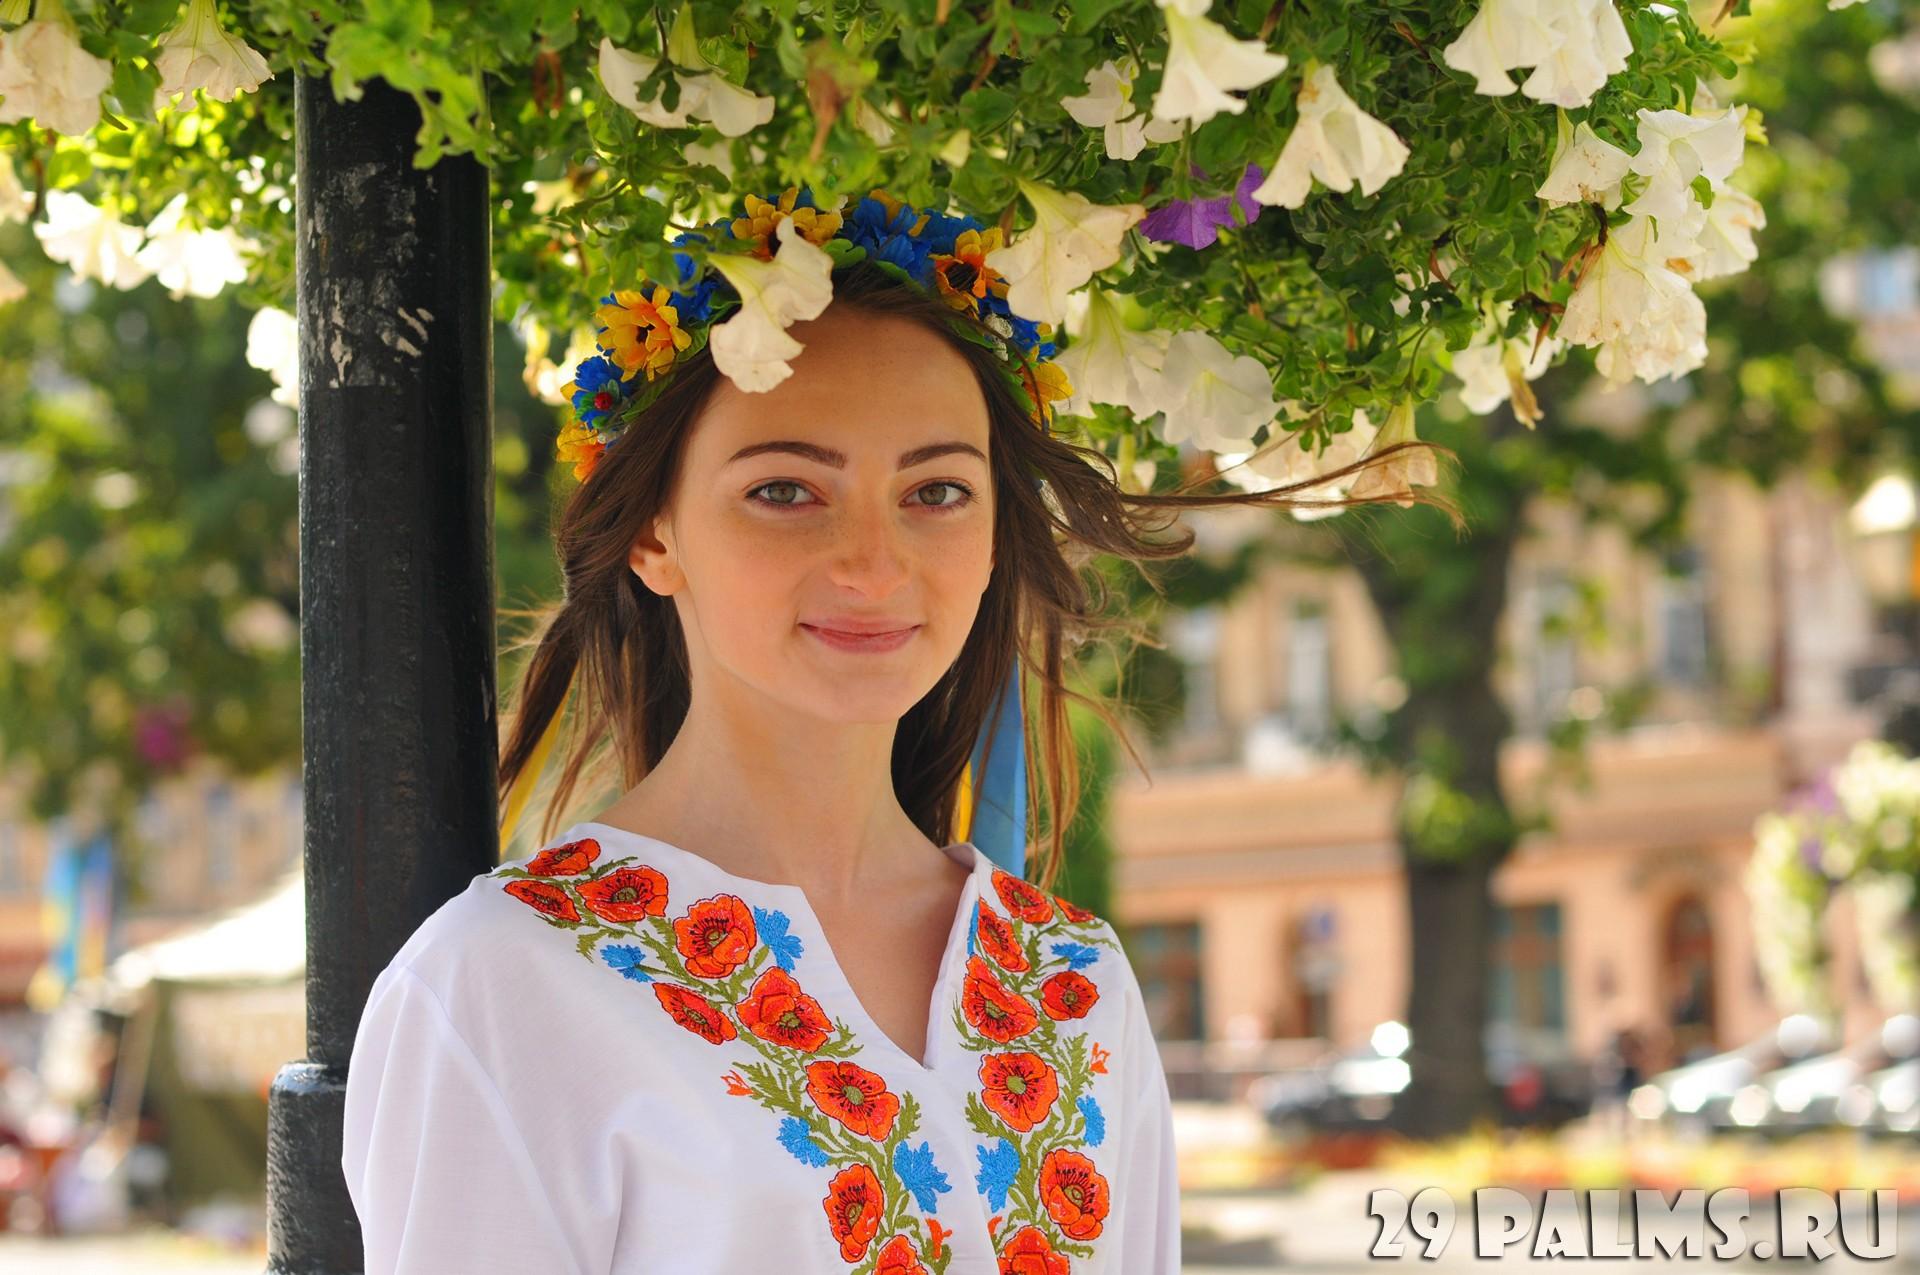 Украинский девушки голые, Голые Украинки - сиськи и попки украинских девушек 4 фотография